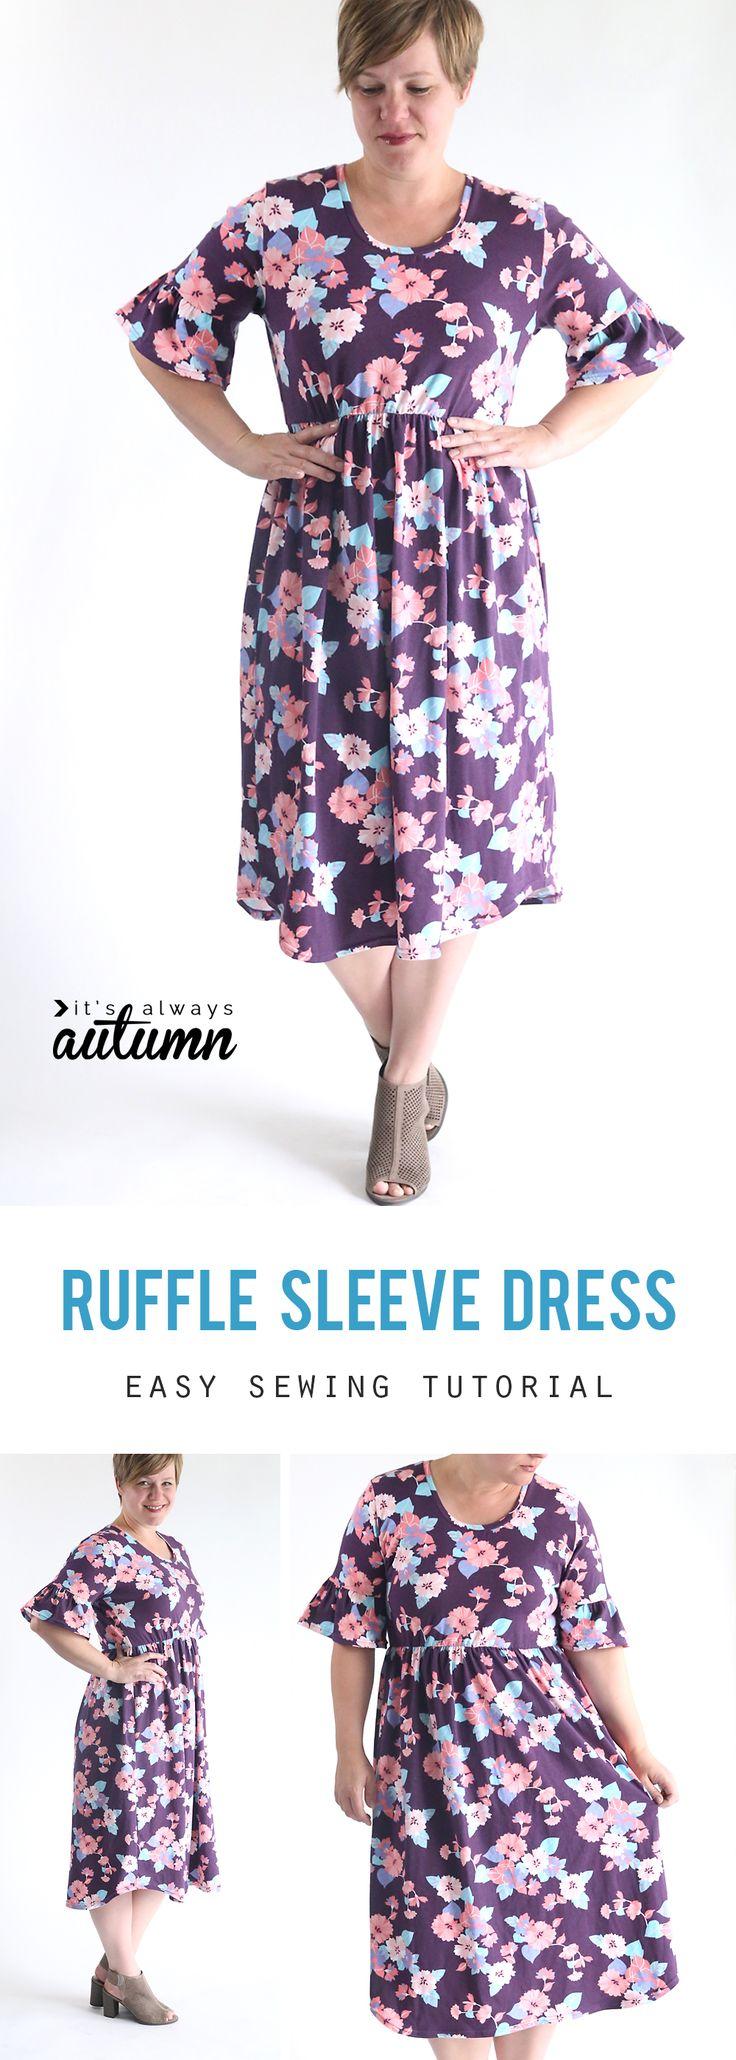 Imparare a cucire un manicotto volant carino (manicotto campana) vestito con solo un modello maglietta!  Semplice tutorial per cucire.  Come fare un vestito.